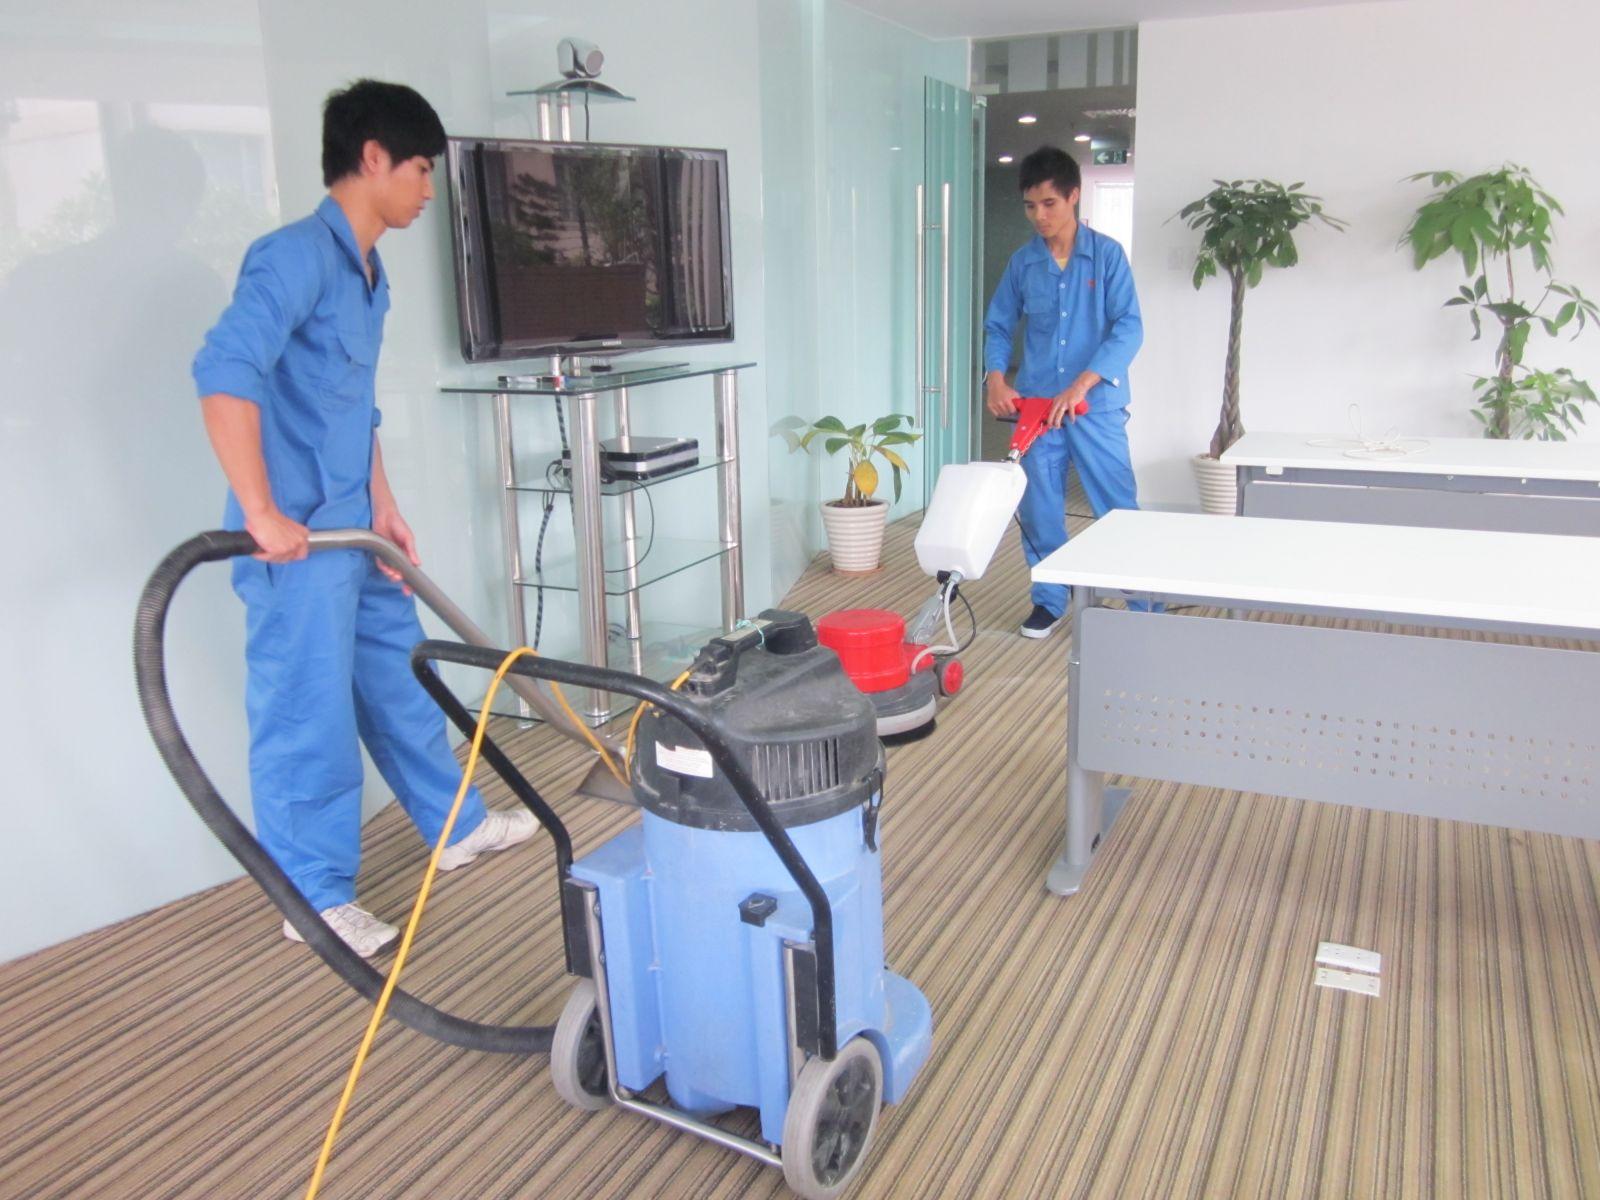 vệ sinh công nghiệp theo giờ